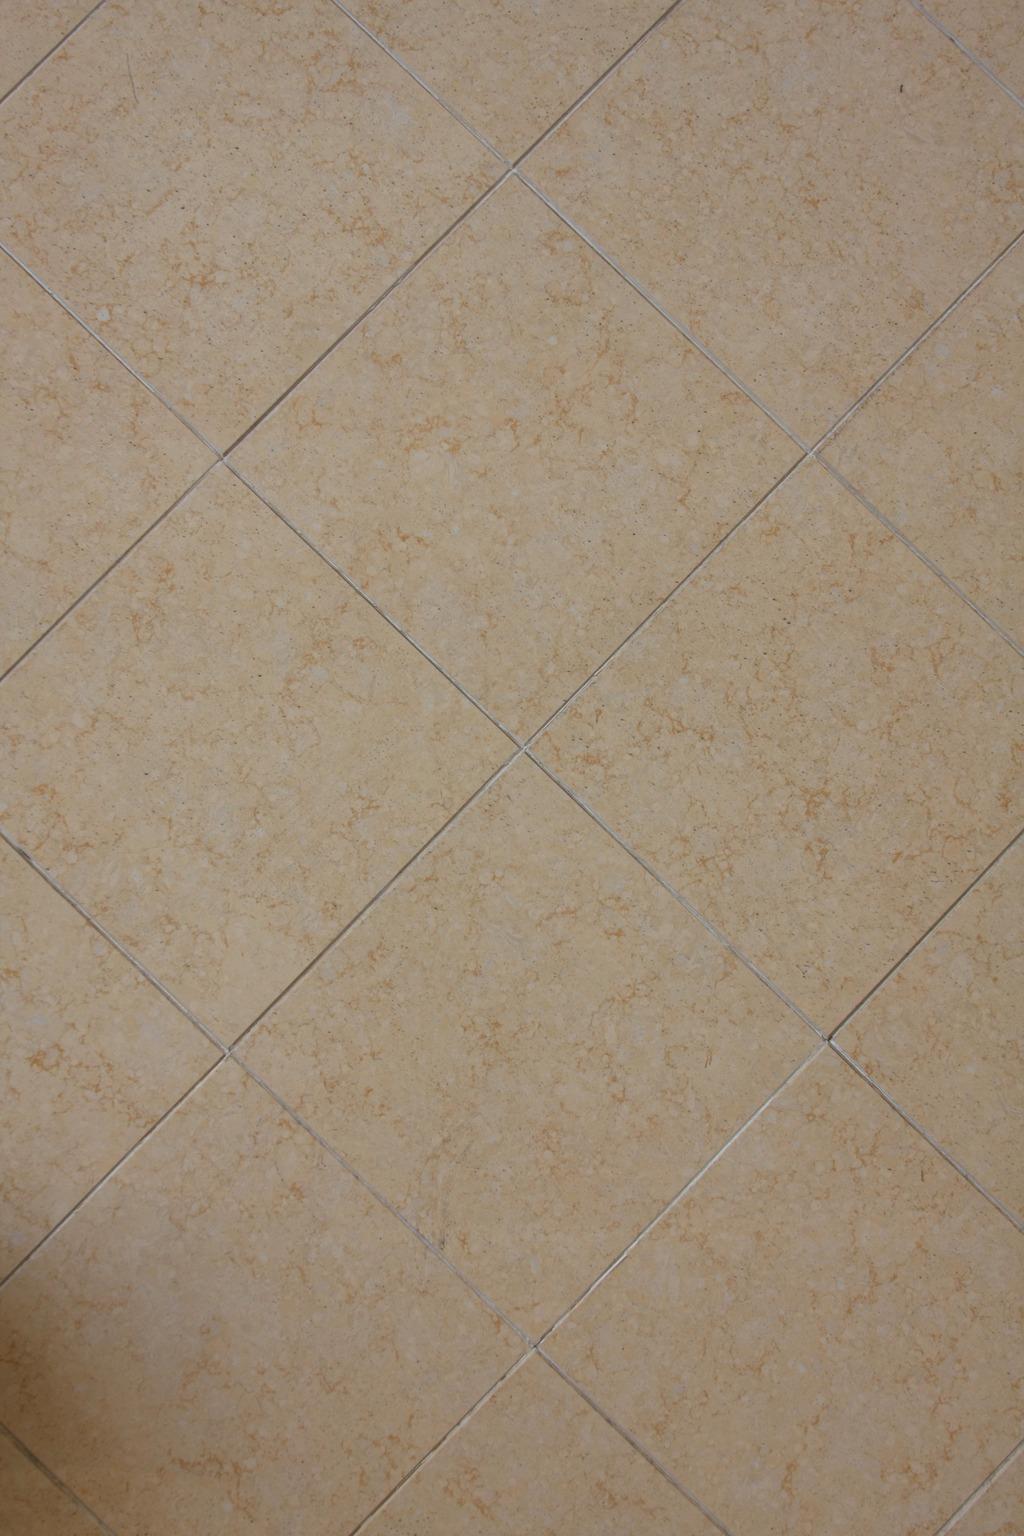 室内装饰材料 石材贴图